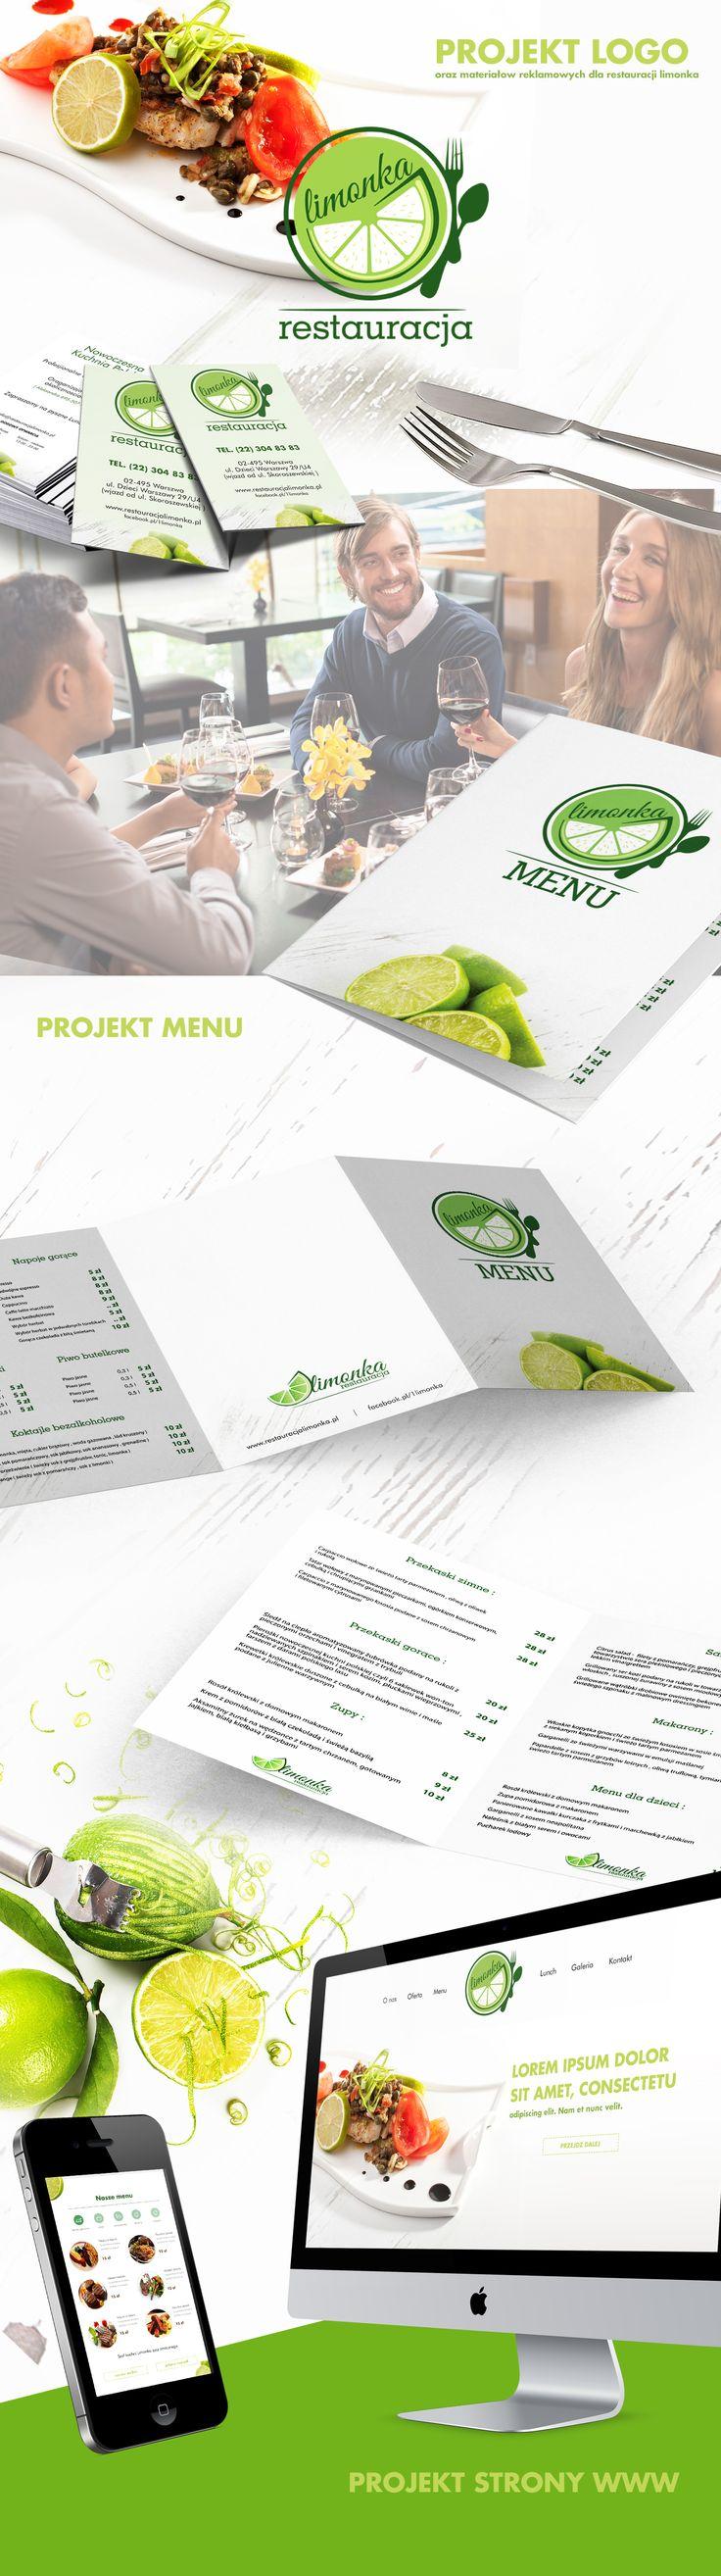 """Popatrz na ten projekt w @Behance: """"Projekt dla restauracji limonka"""" https://www.behance.net/gallery/35048081/Projekt-dla-restauracji-limonka"""